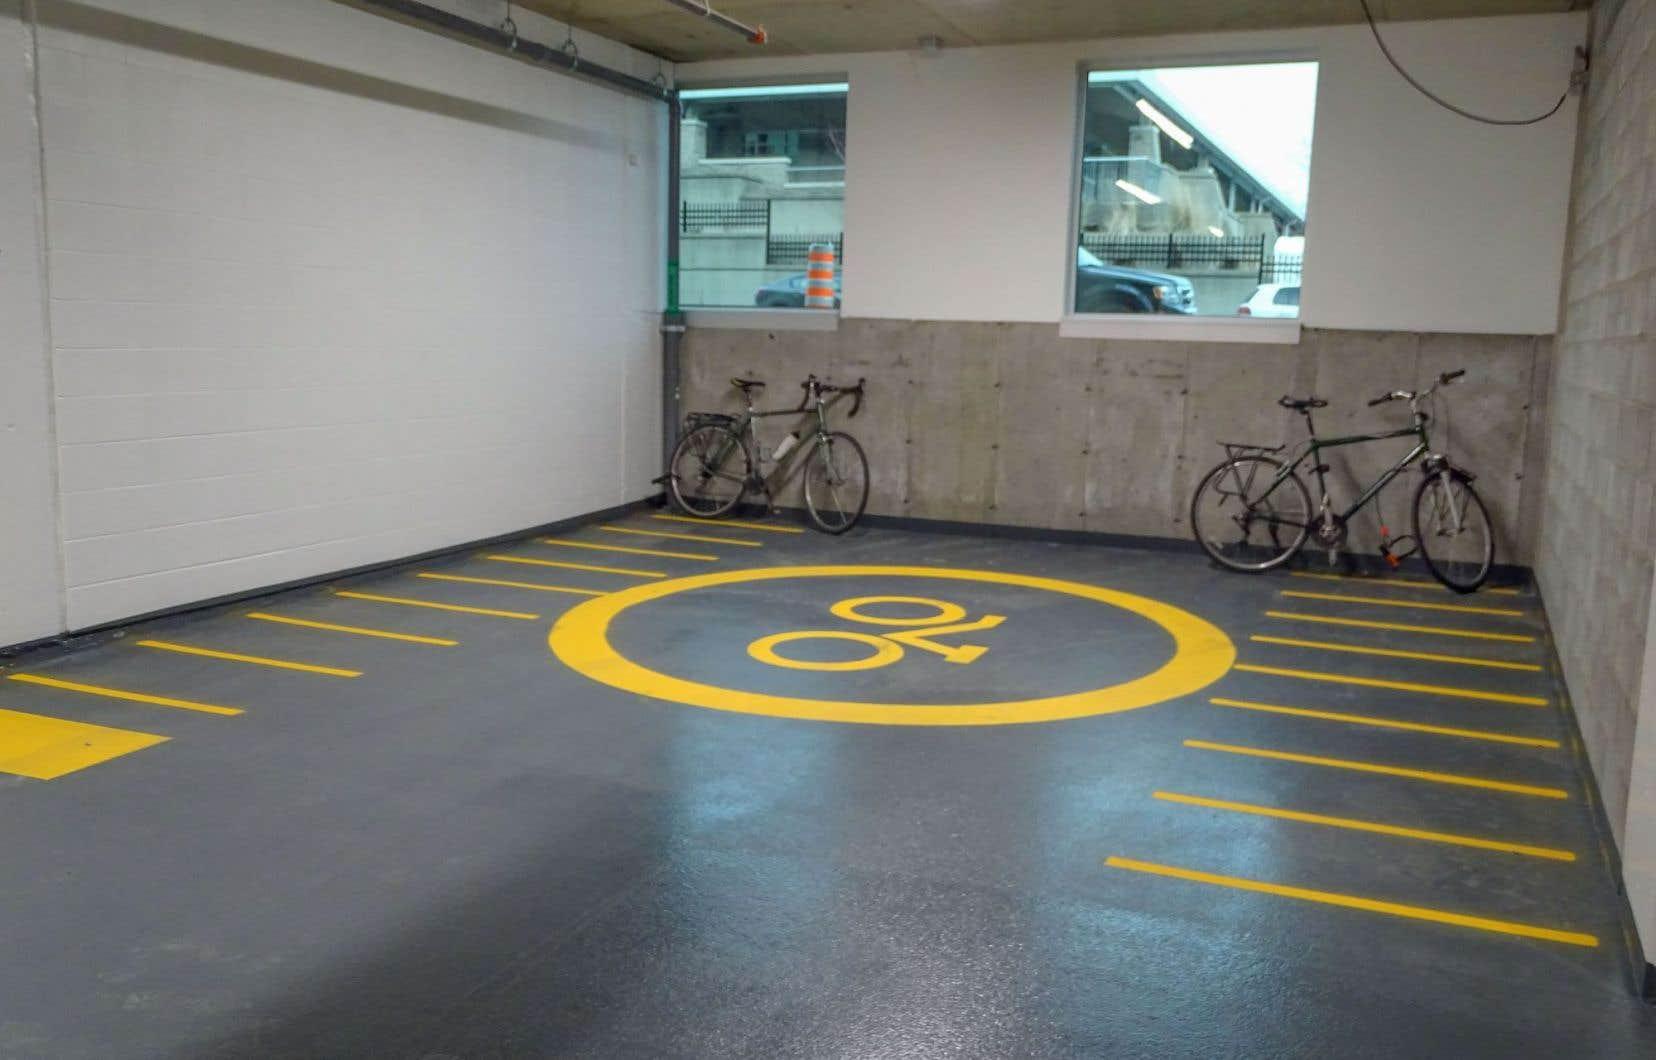 L'écoresponsabilité est au centre de l'agrandissement du siège social de la CSN, notamment grâce à des incitatifs au transport actif, à des stationnements pour vélos et à des bornes électriques pour la recharge des véhicules.